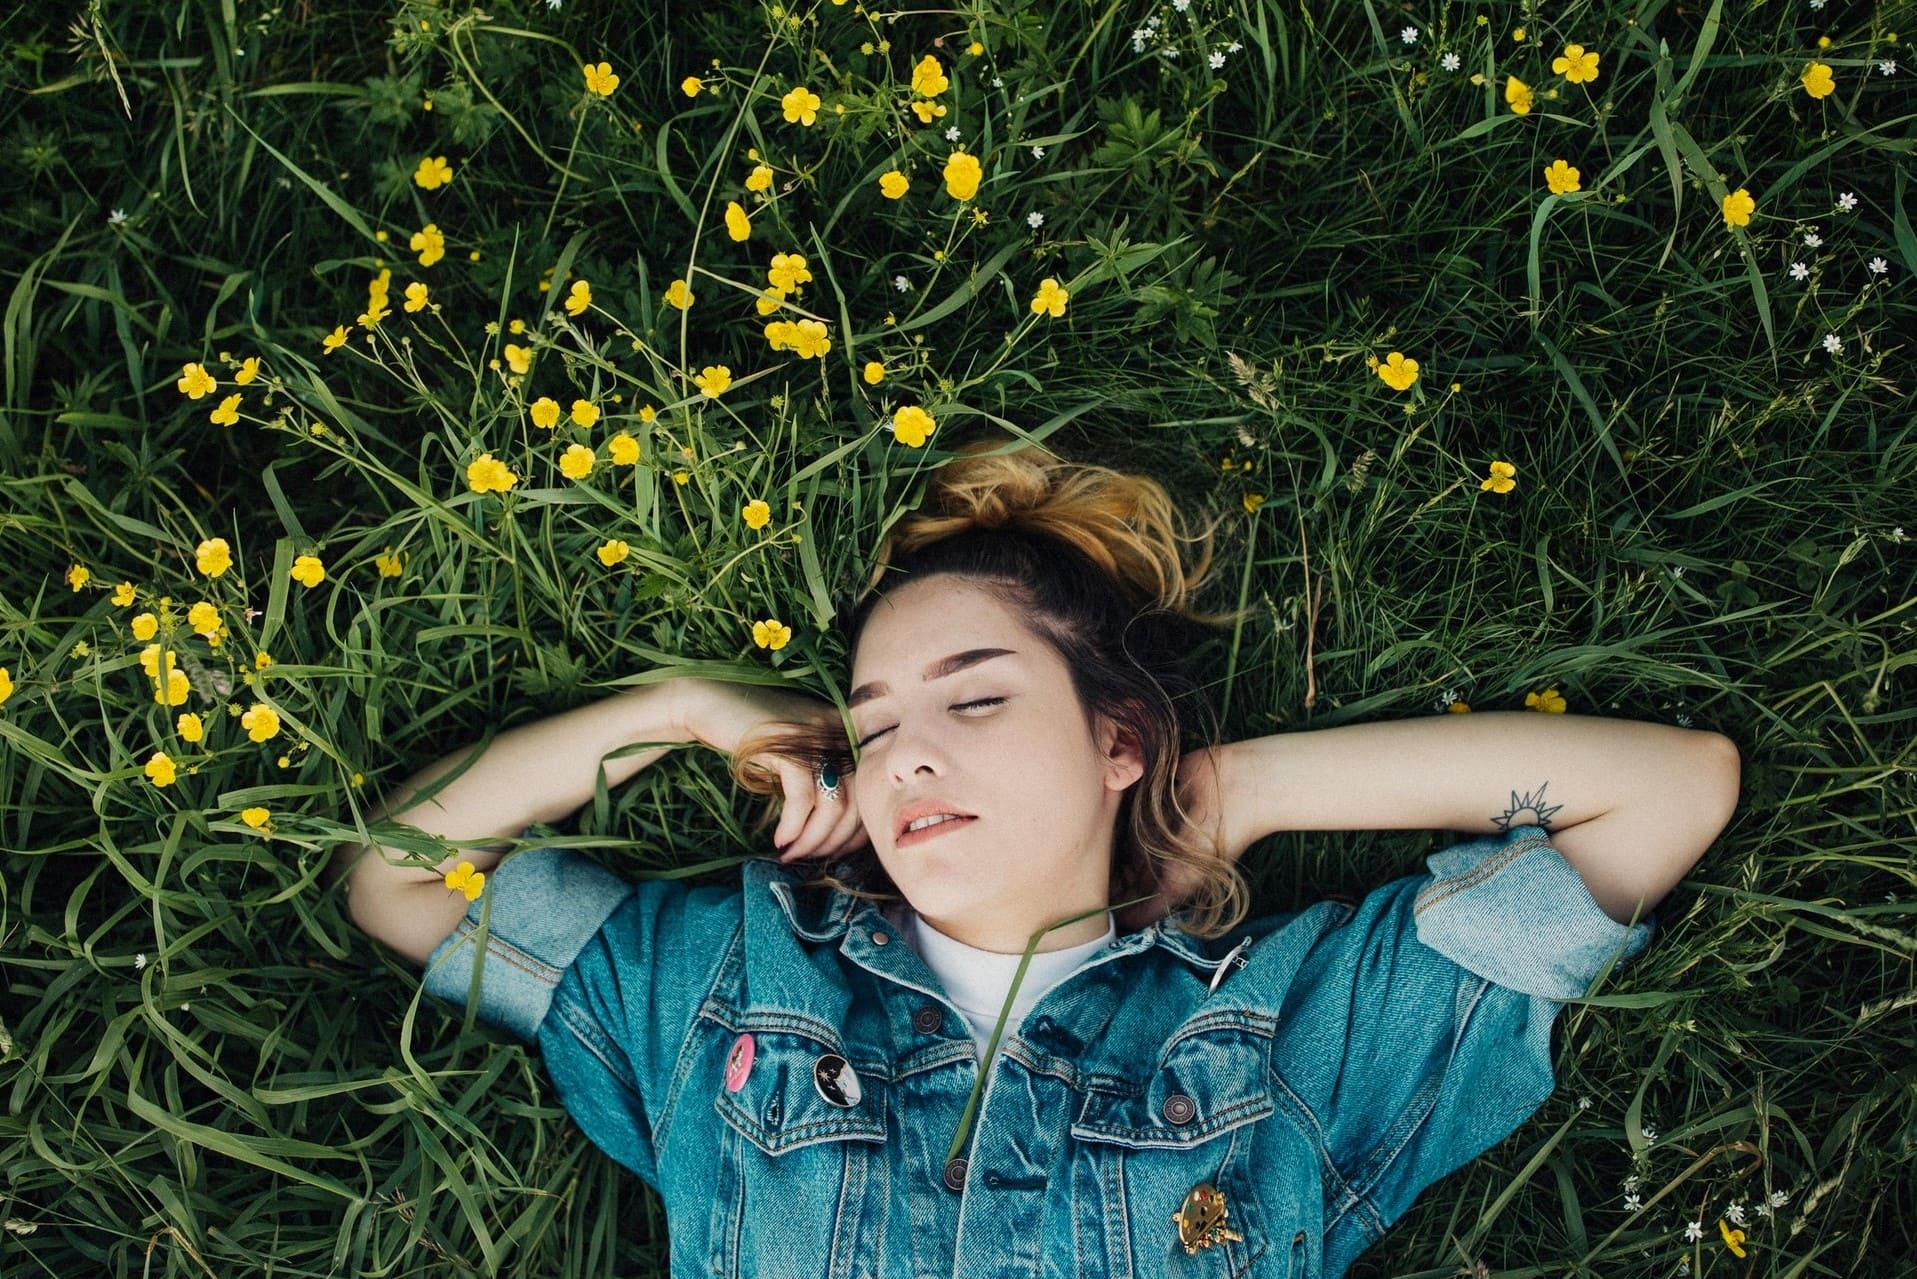 夢診断その3.スミレは「恋愛」の象徴。キレイに咲く花は満足感や幸福感を表す